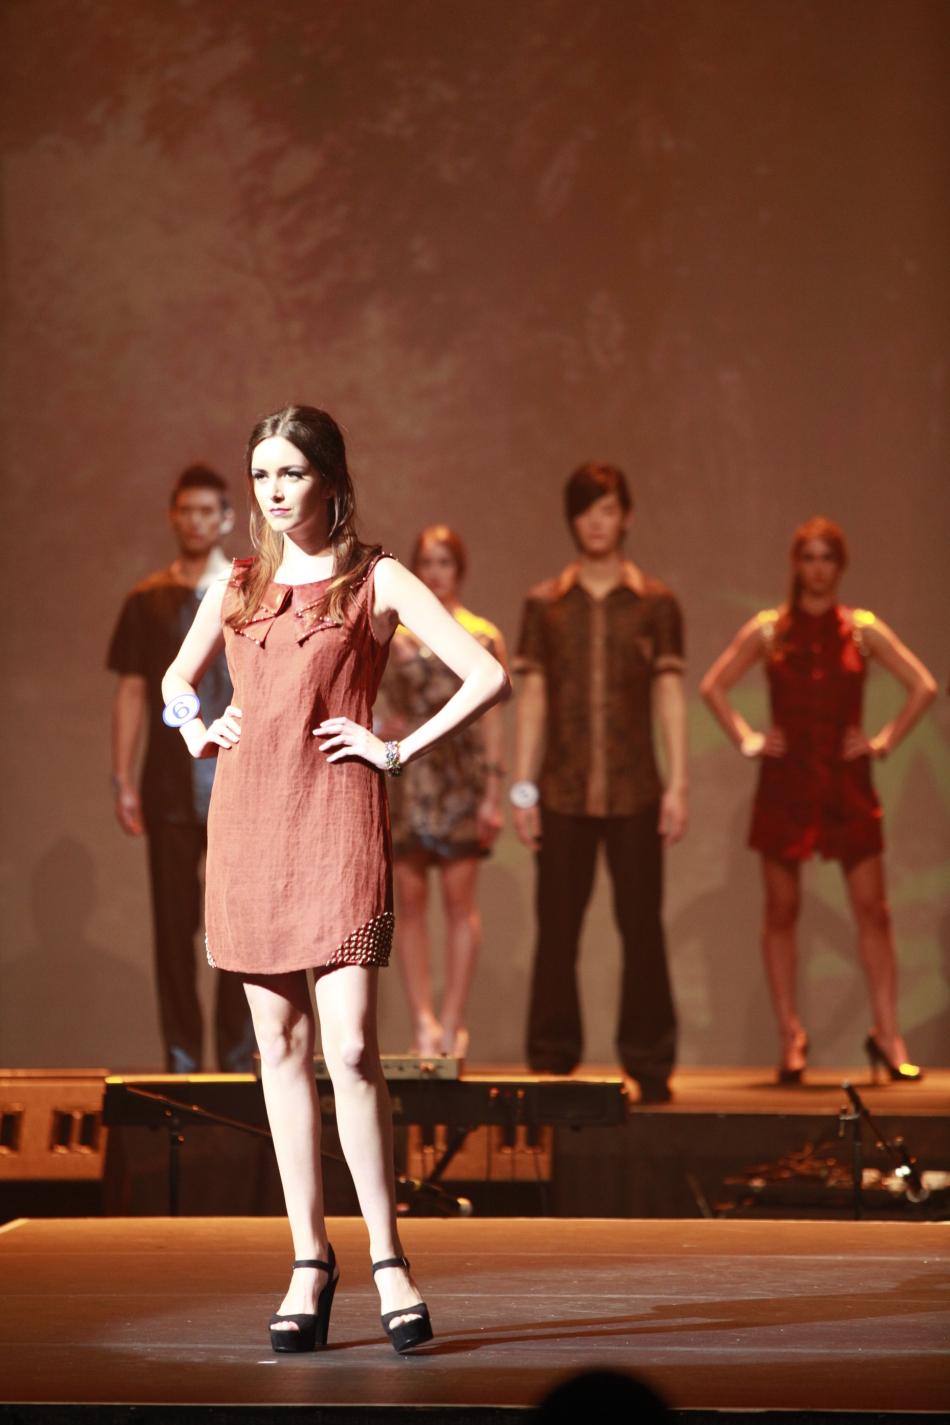 温哥华艺术学院学生服装设计作品展示